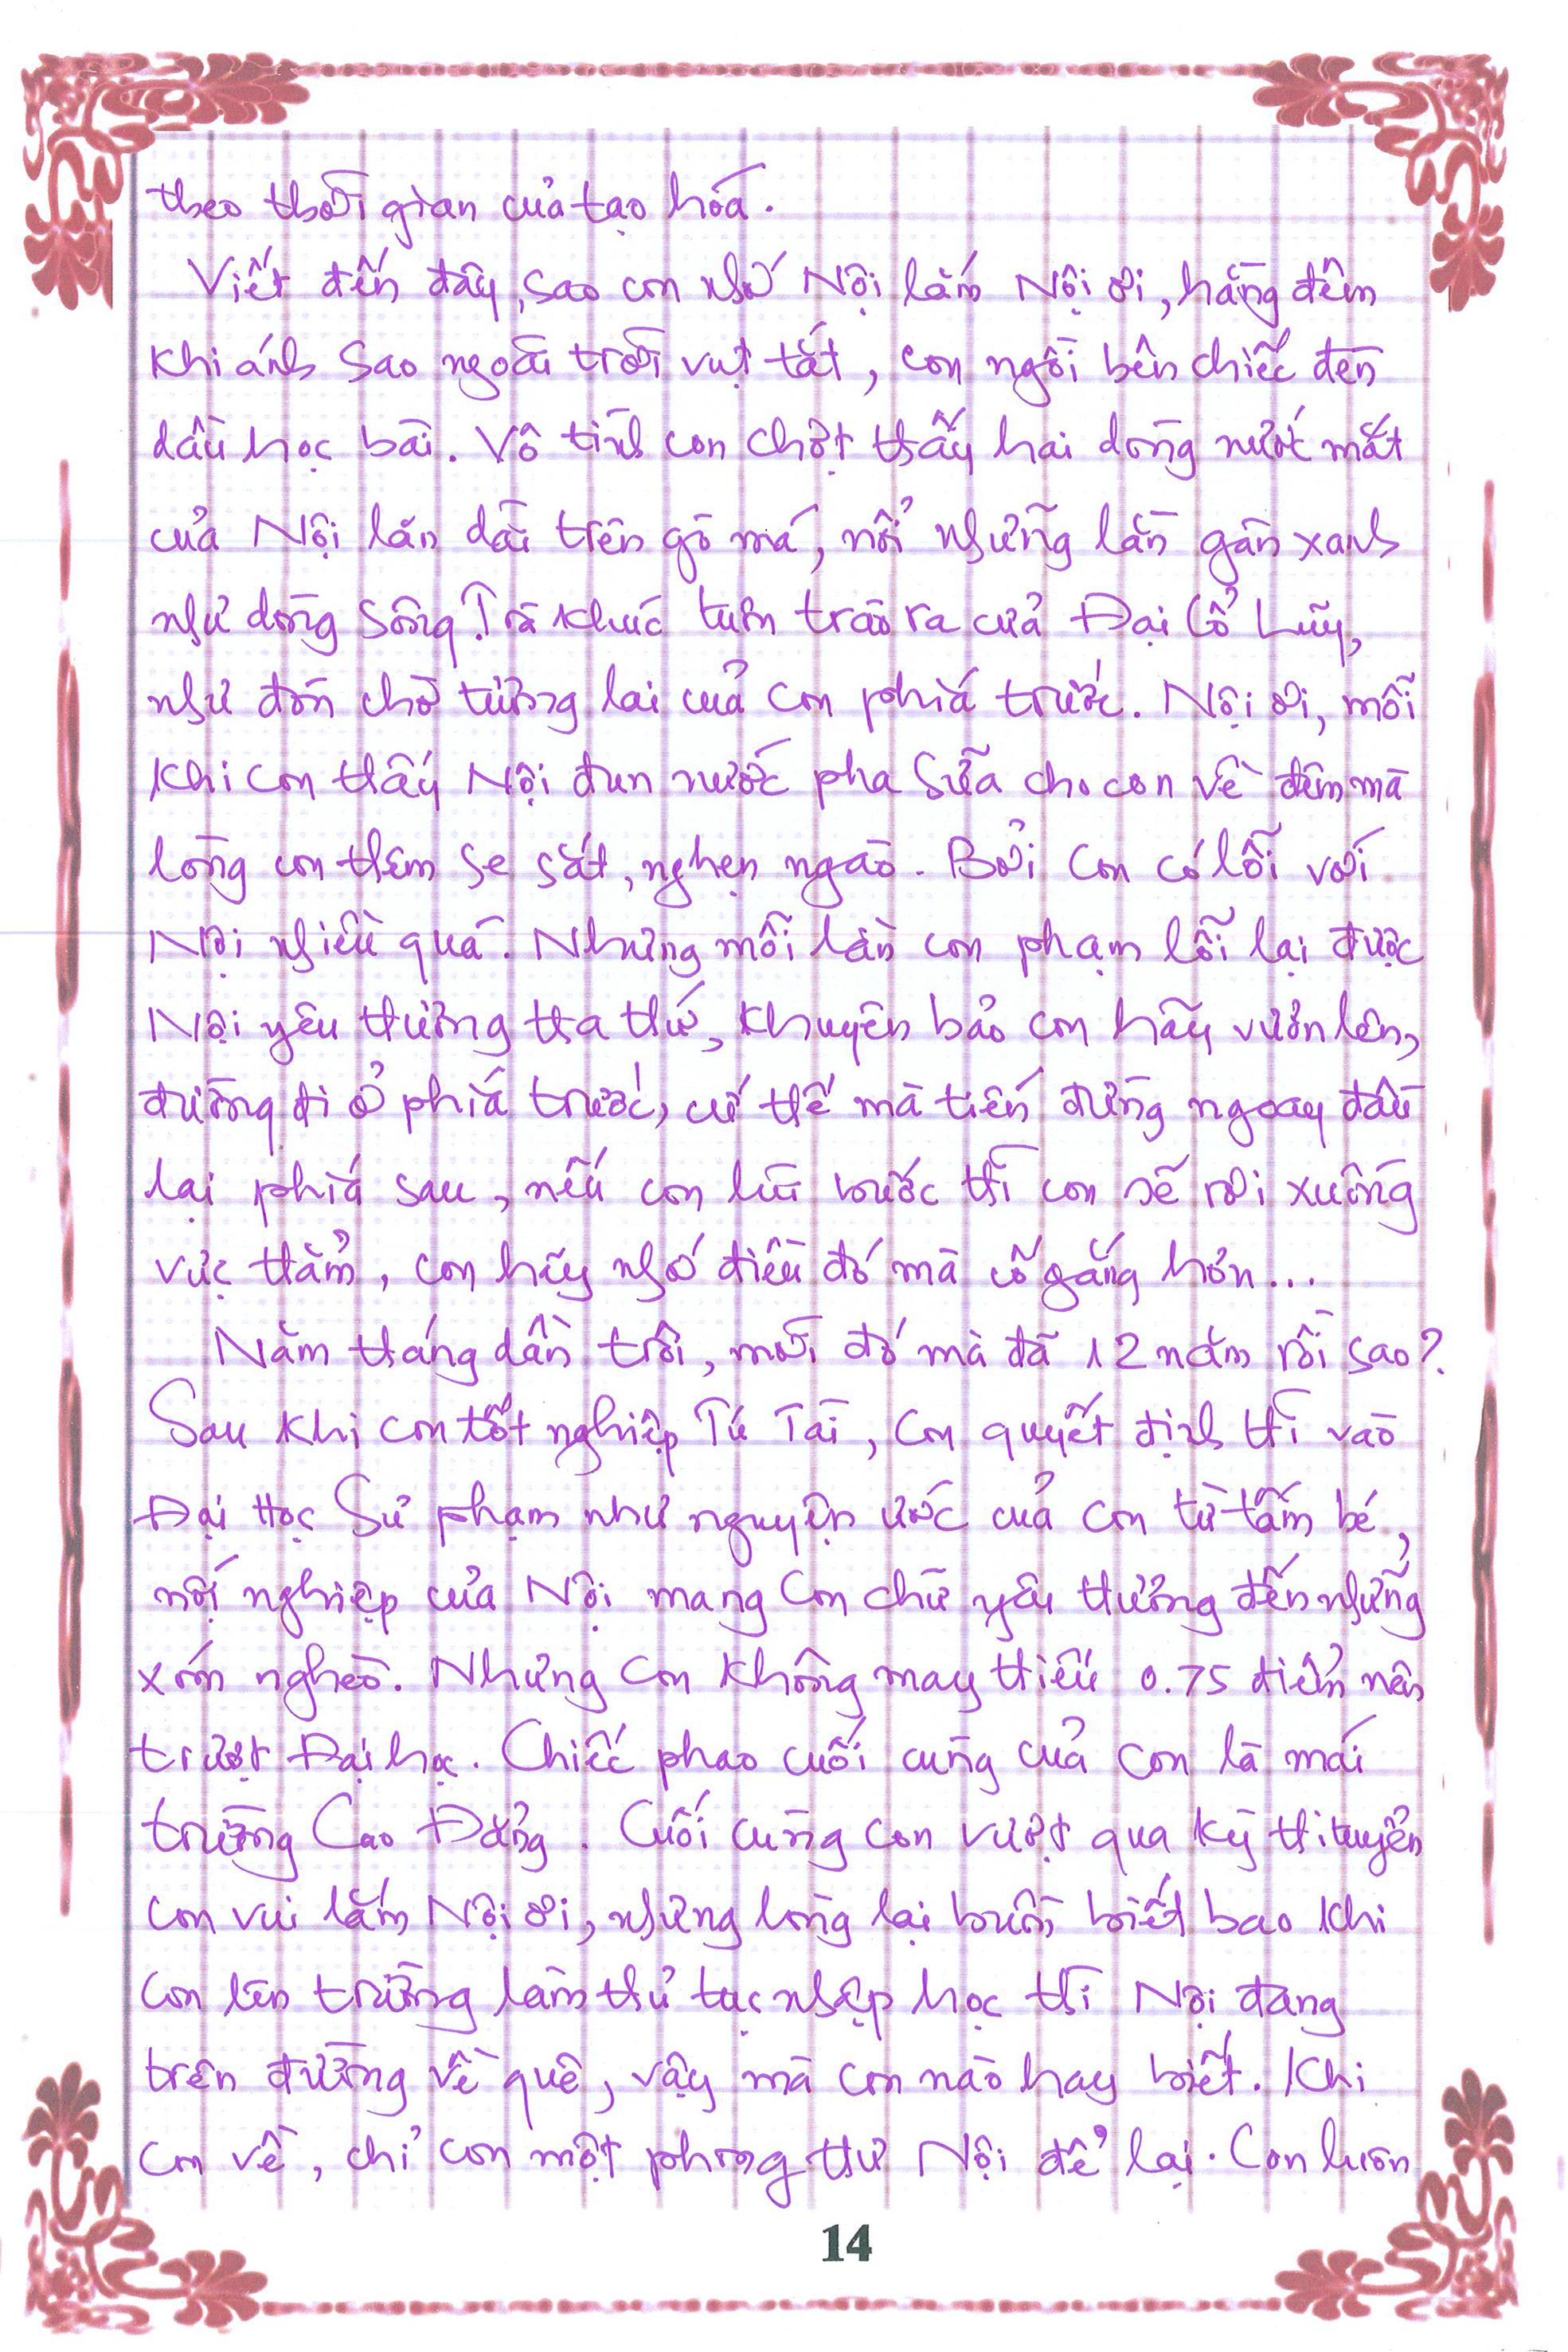 14 - [20/11 và những lá thư tay]: Bức thư mùa thu gửi Nội...